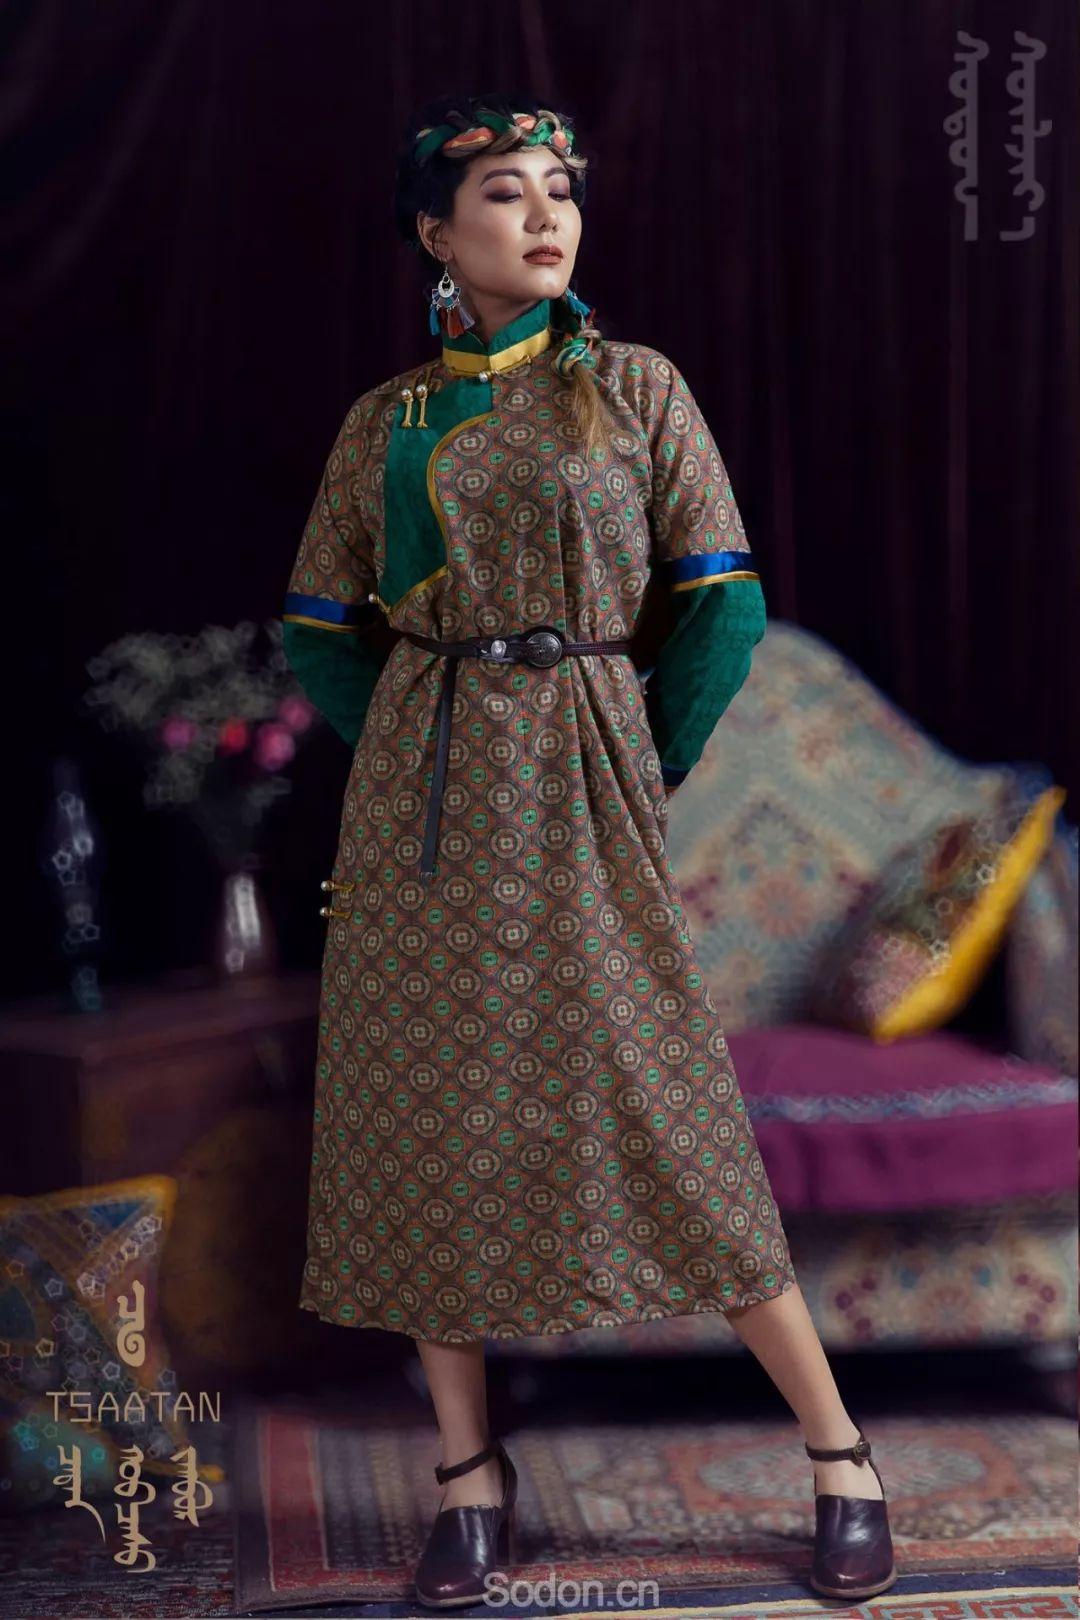 TSAATAN蒙古时装 2019新款,来自驯鹿人的独特魅力! 第96张